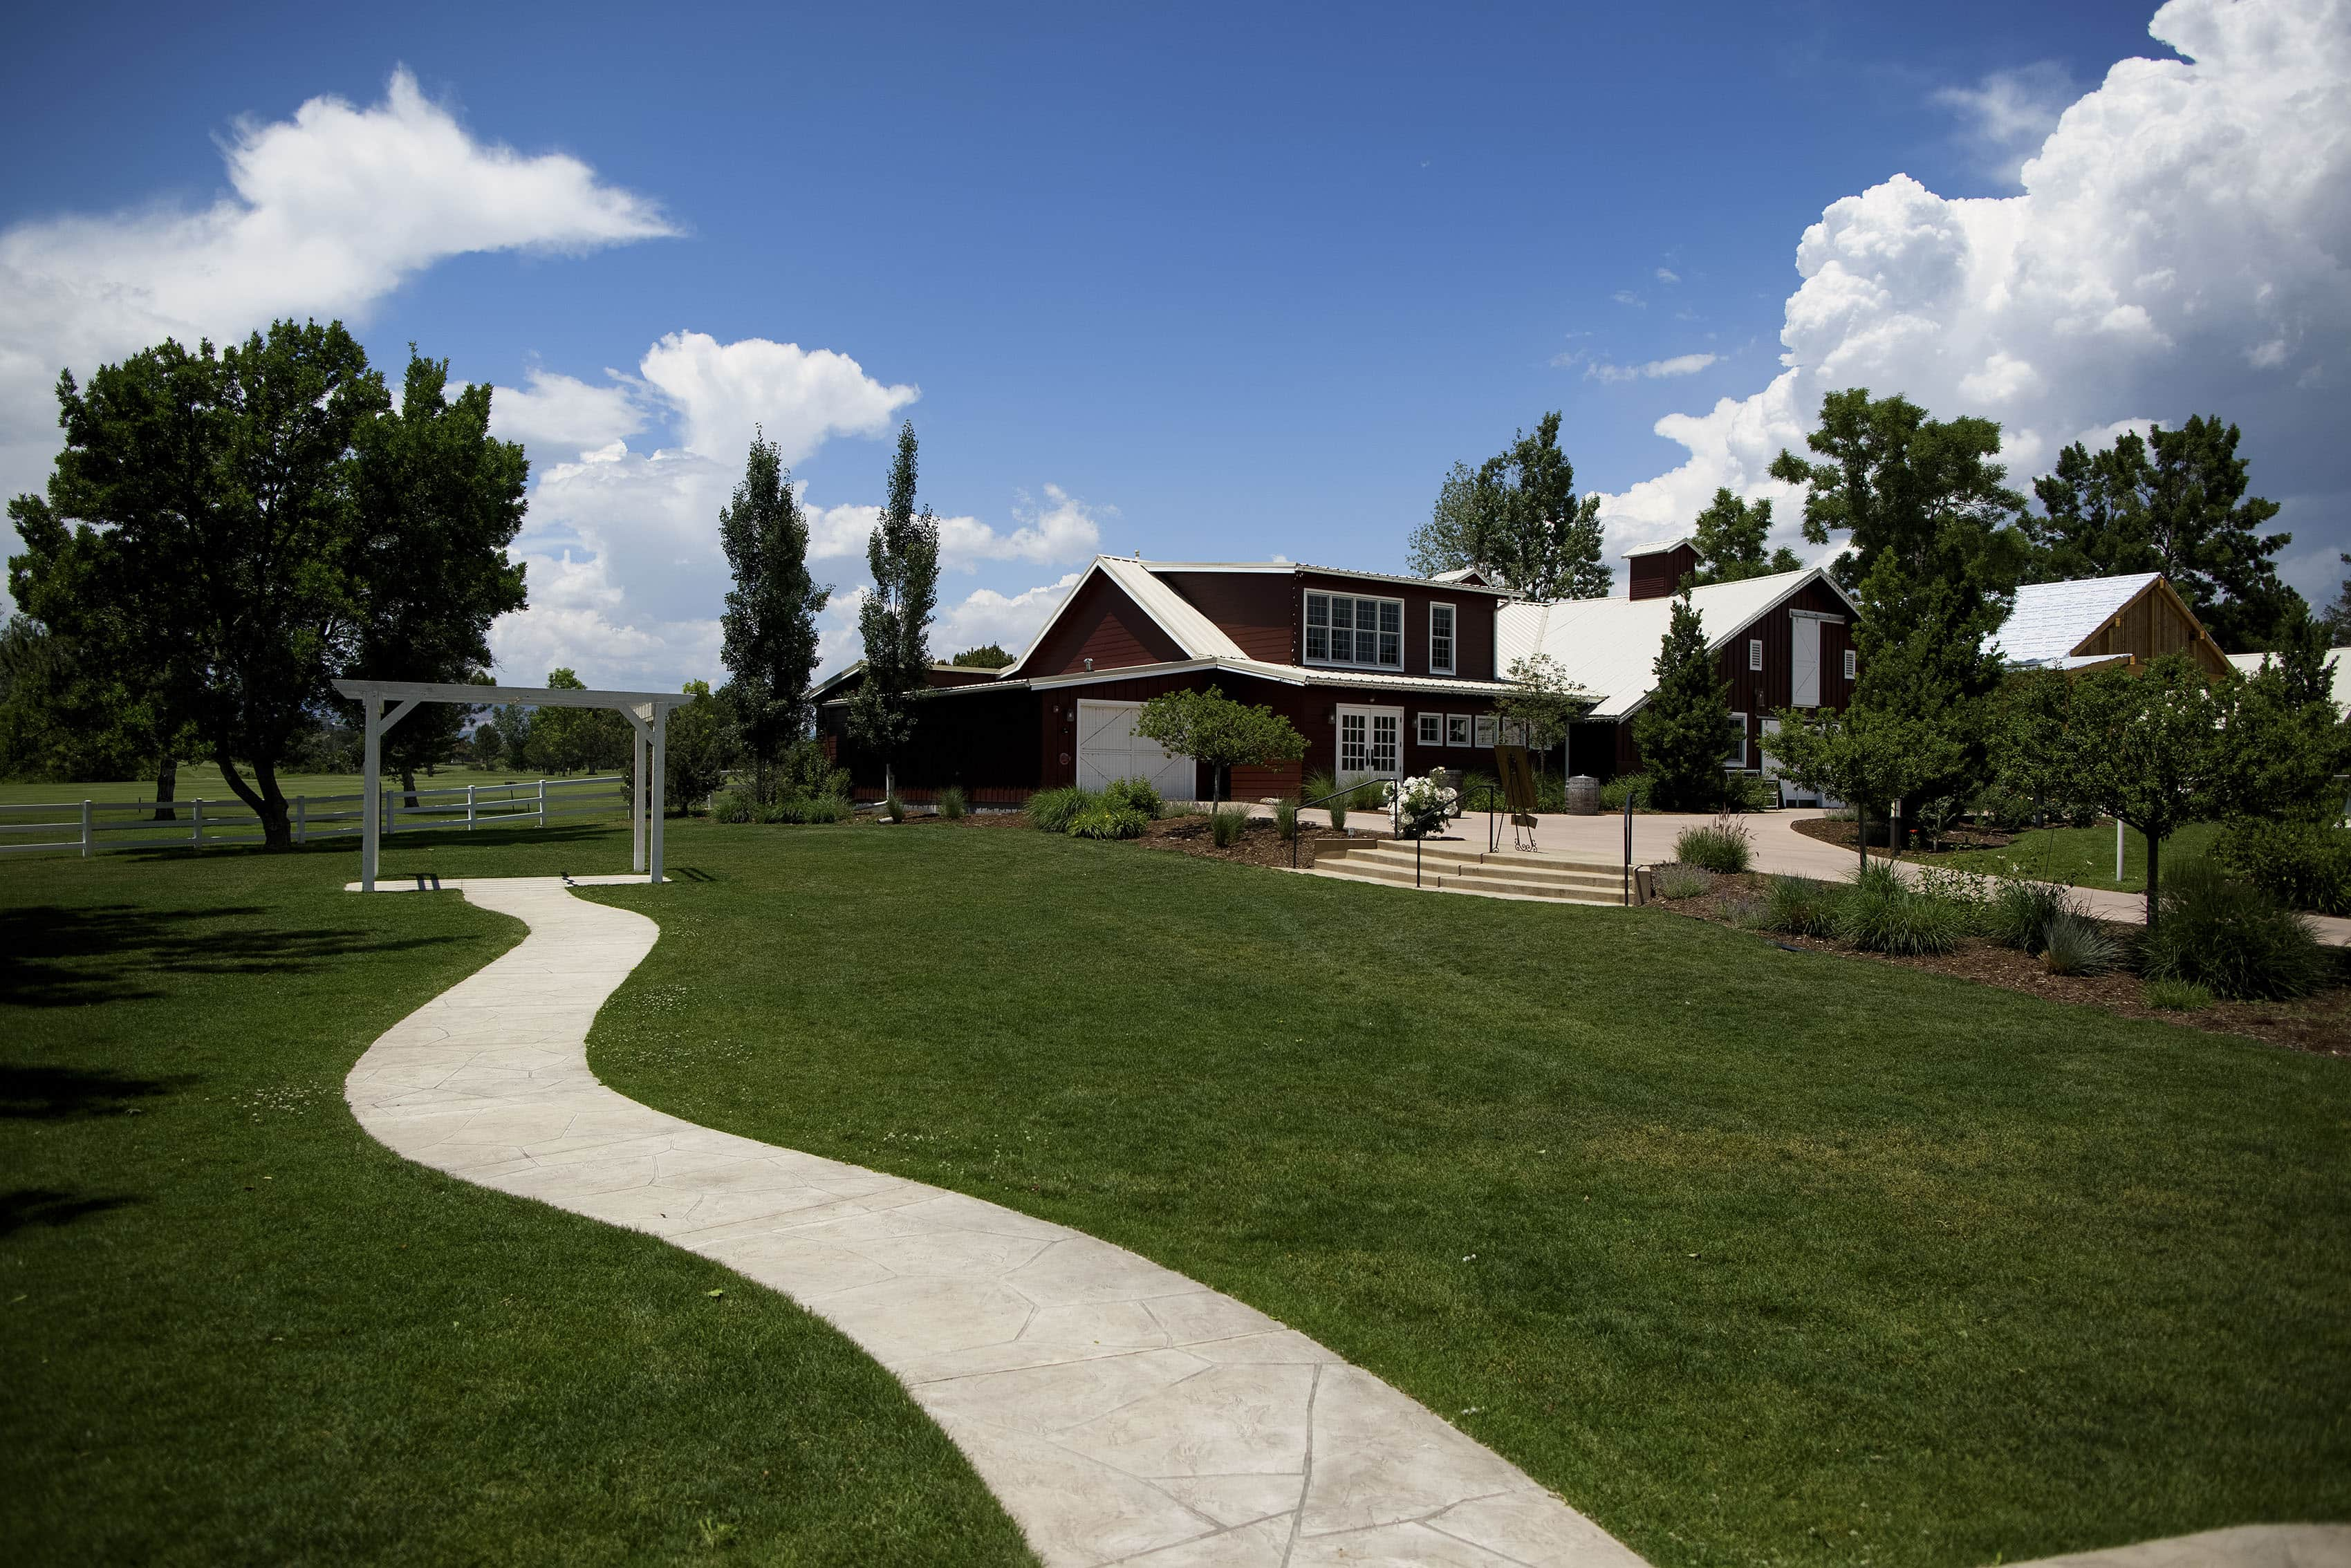 The Barn at Raccoon Creek wedding venue